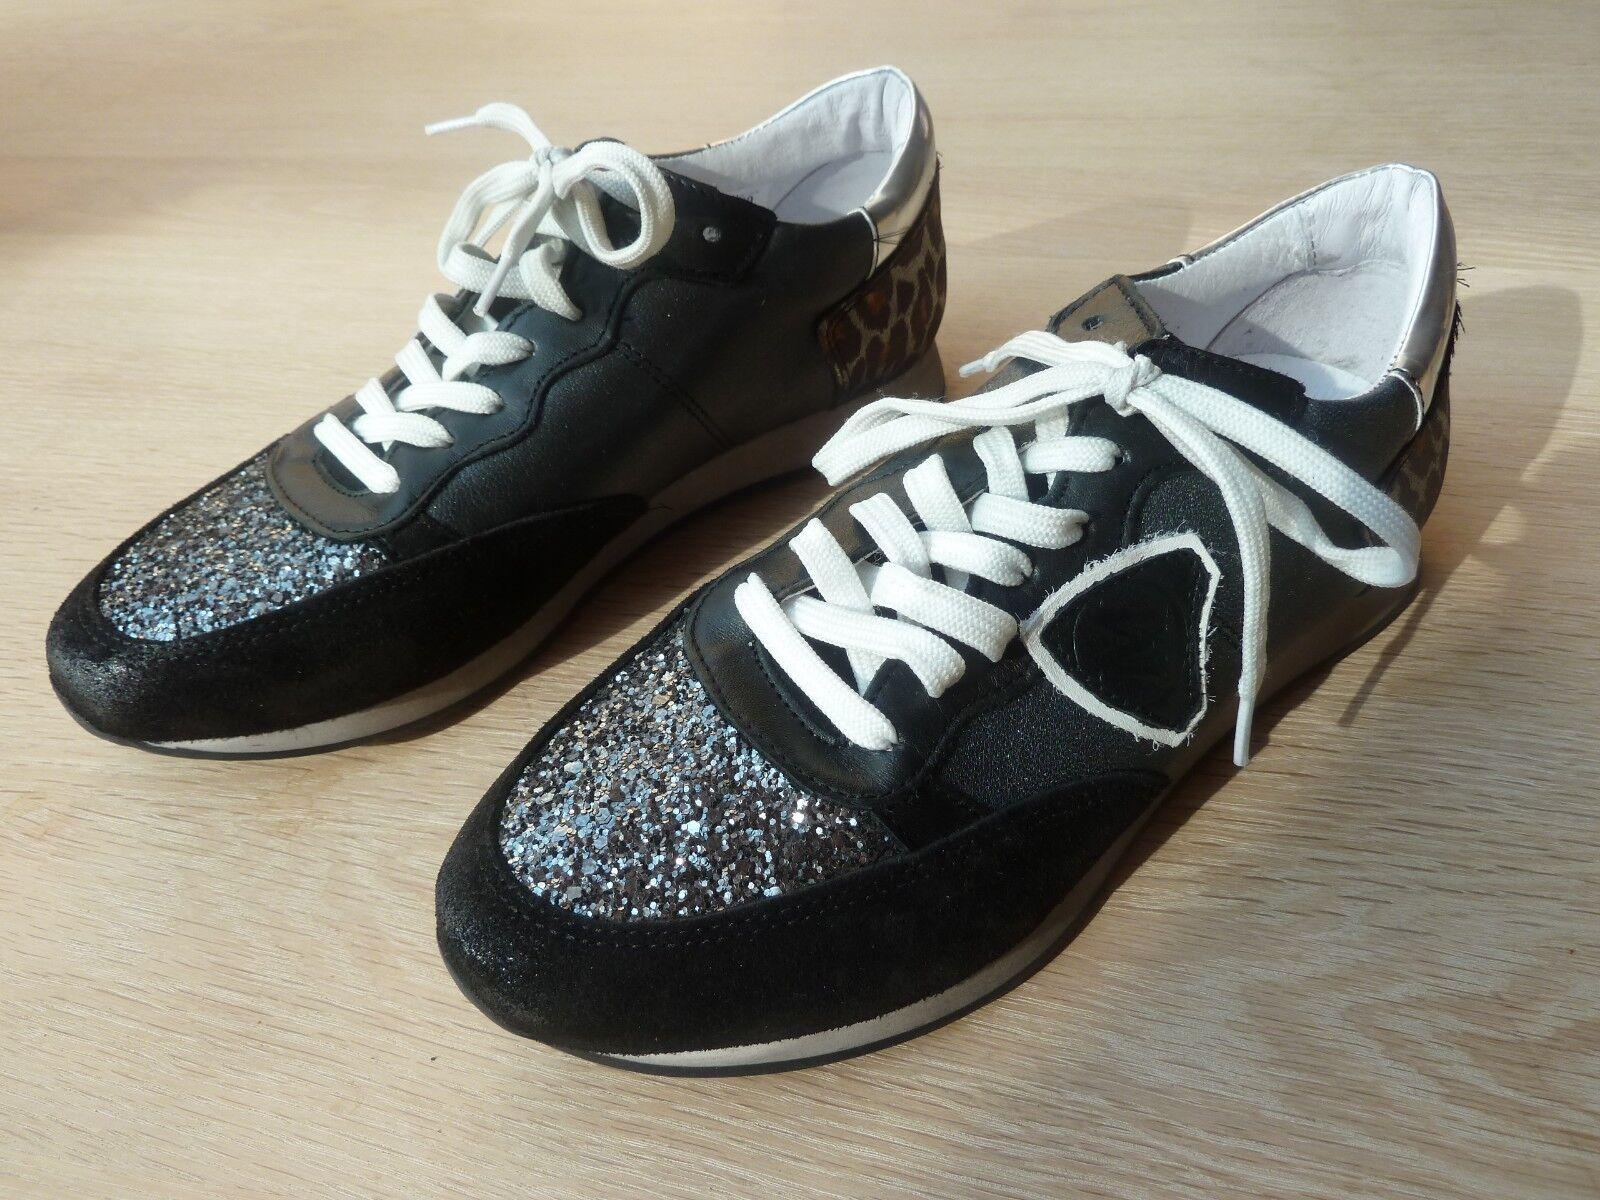 Halbschuhe Sneakers von NEU Maca Gr. Kitzbühl Gr. Maca 38 NEU von NP d8a333 ... 46eb7f